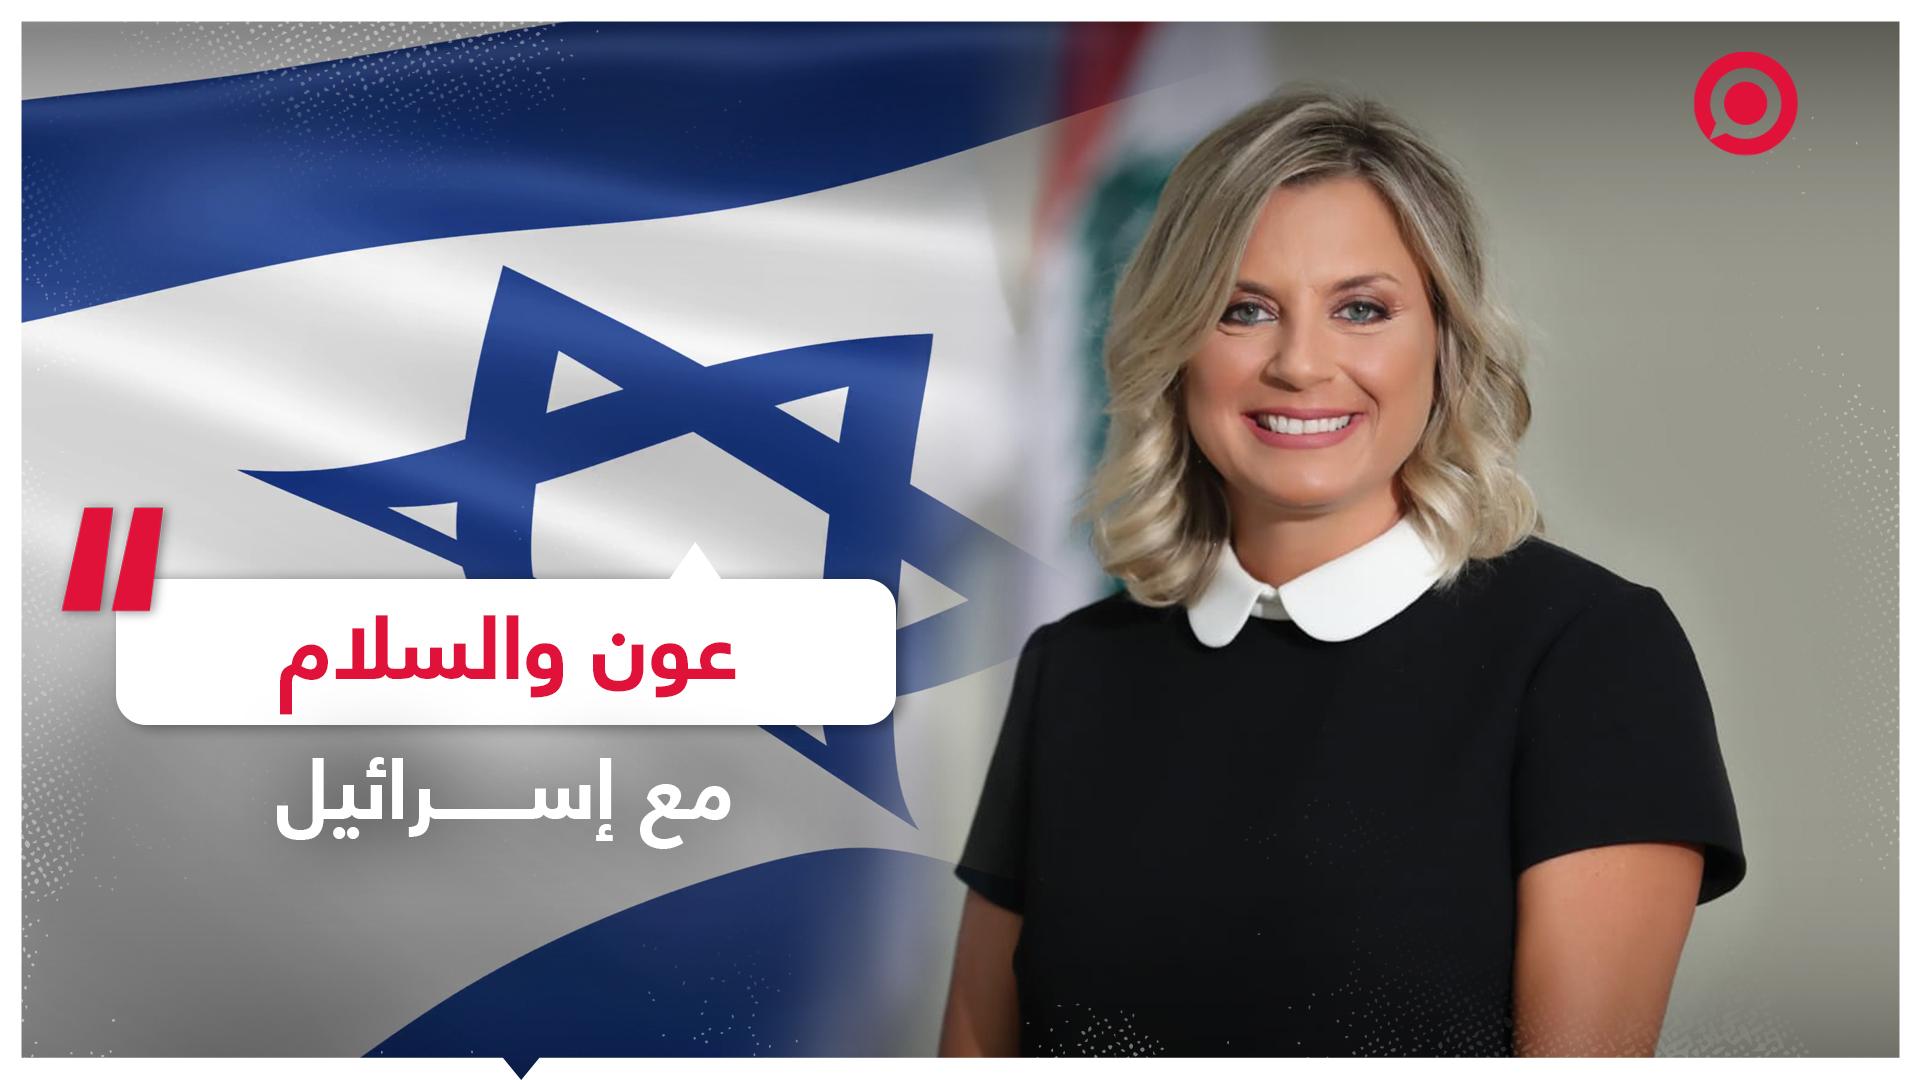 ابنة الرئيس اللبناني تثير الجدل بتصريح حول السلام مع إسرائيل